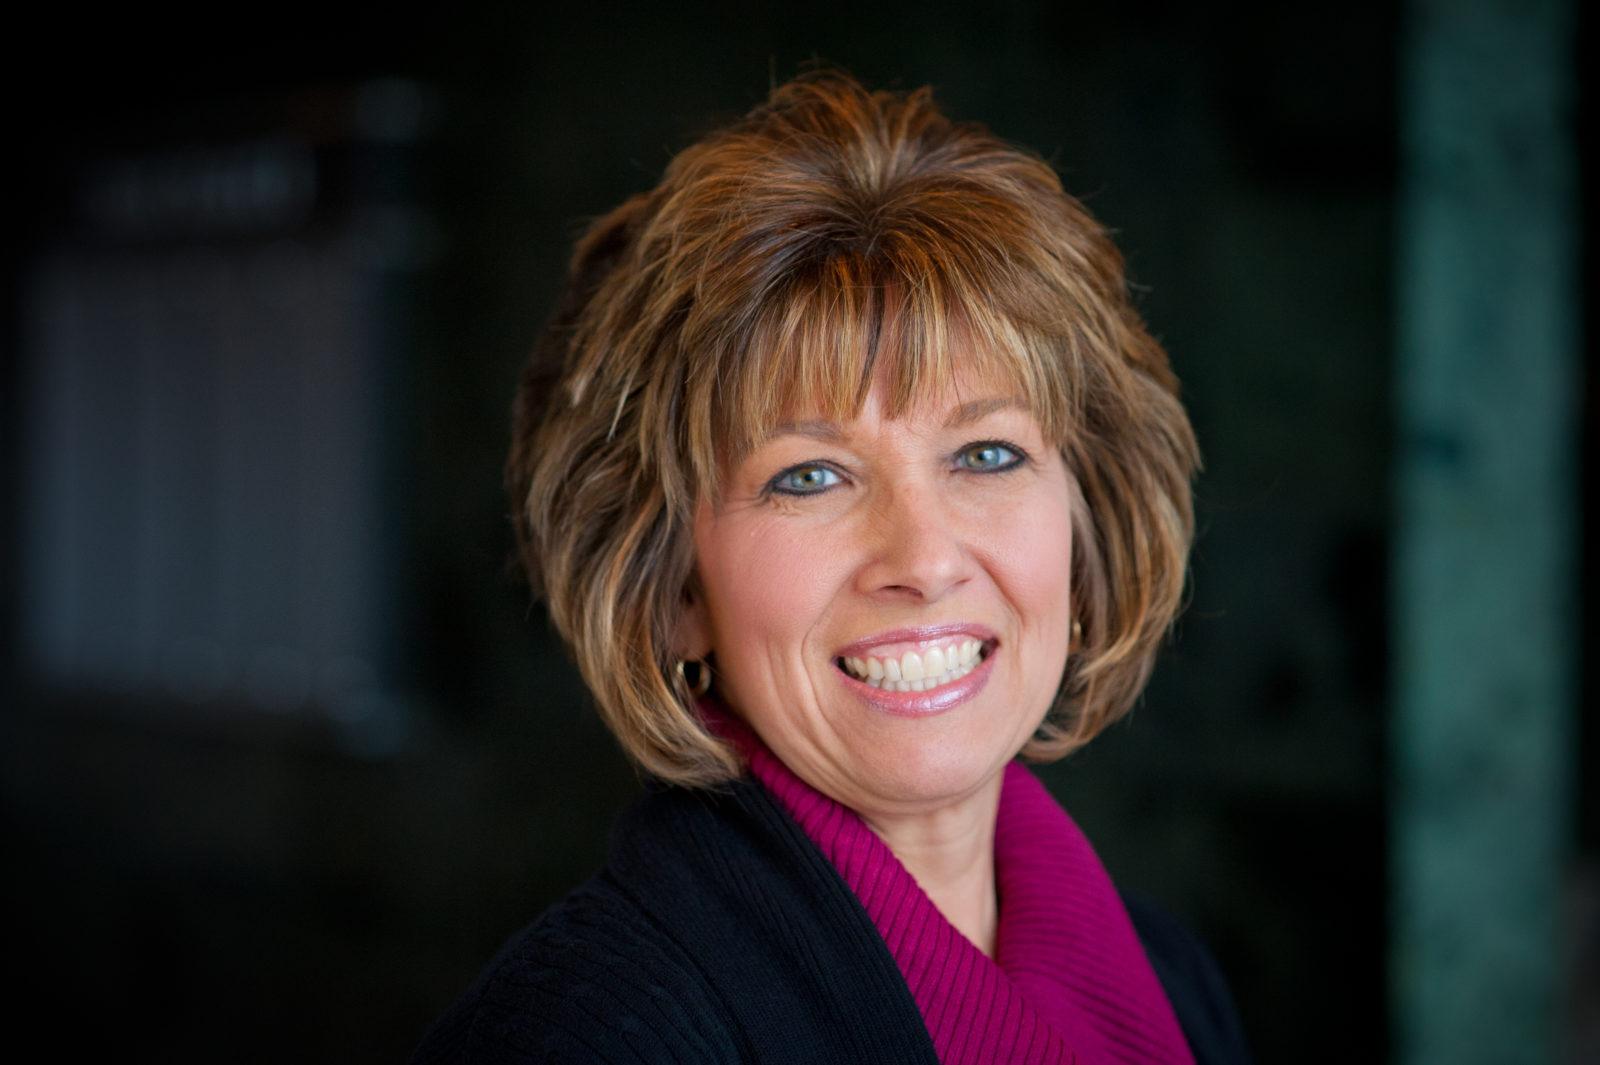 Angela Leach